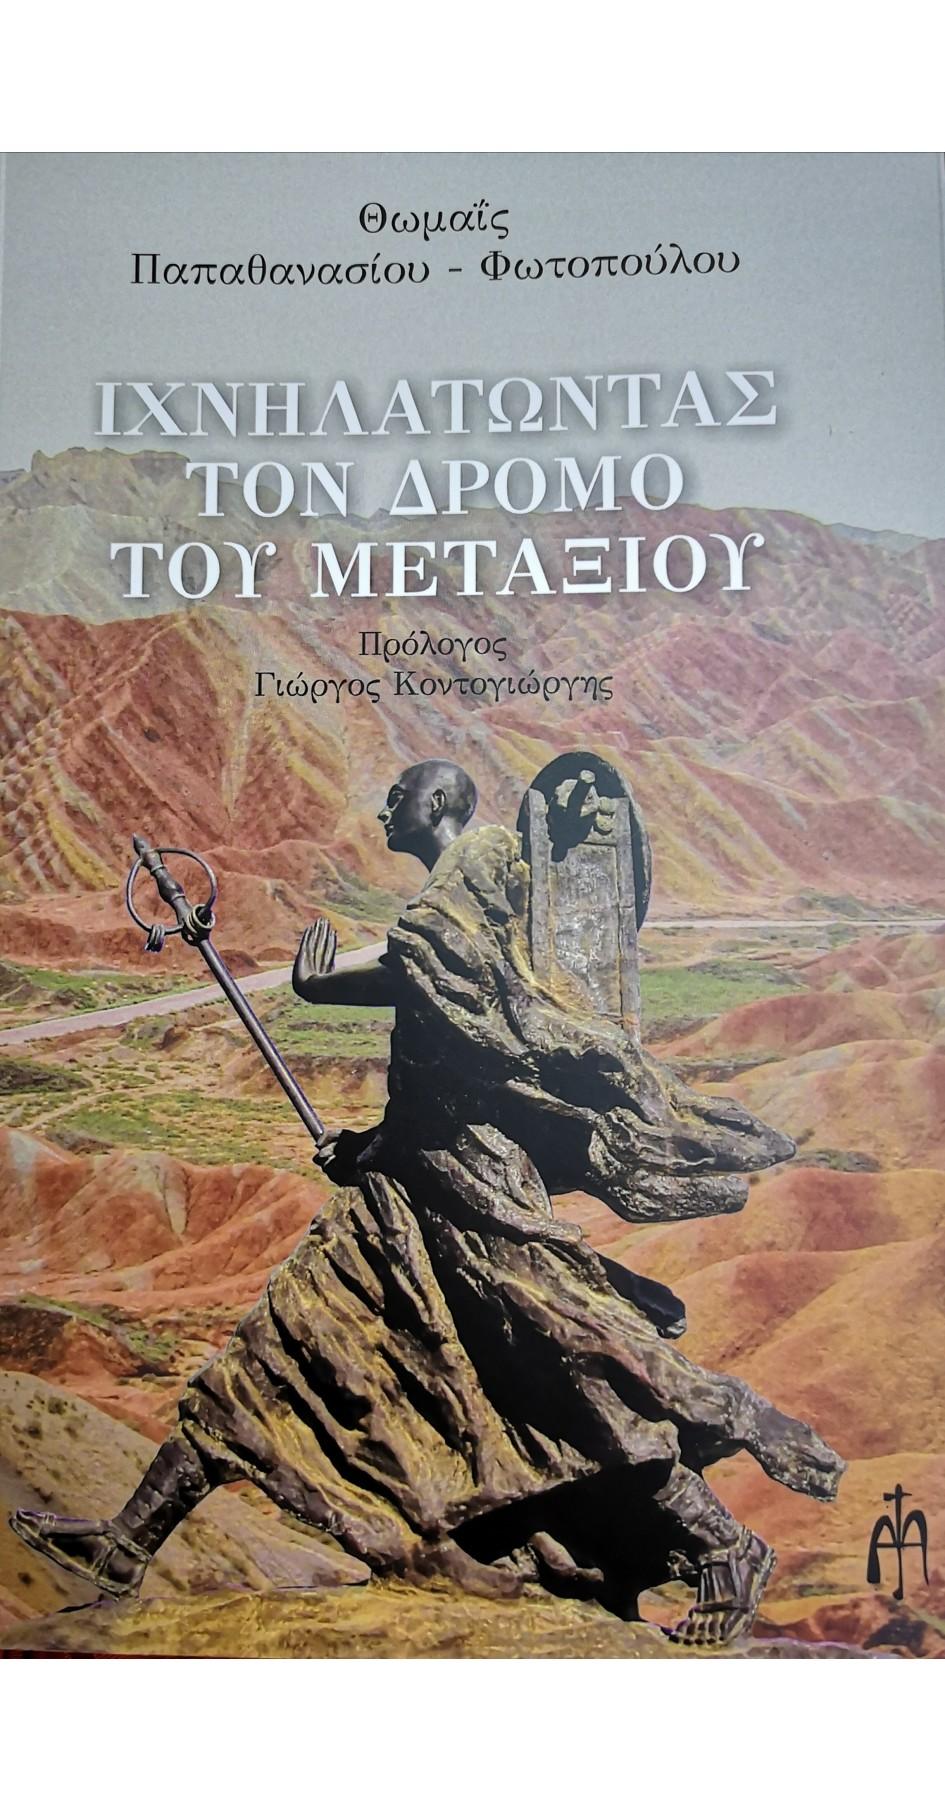 ΙΧΝΗΛΑΤΩΝΤΑΣ ΤΟΝ ΔΡΟΜΟ ΤΟΥ ΜΕΤΑΞΙΟΥ (BOOK IN GREEK)